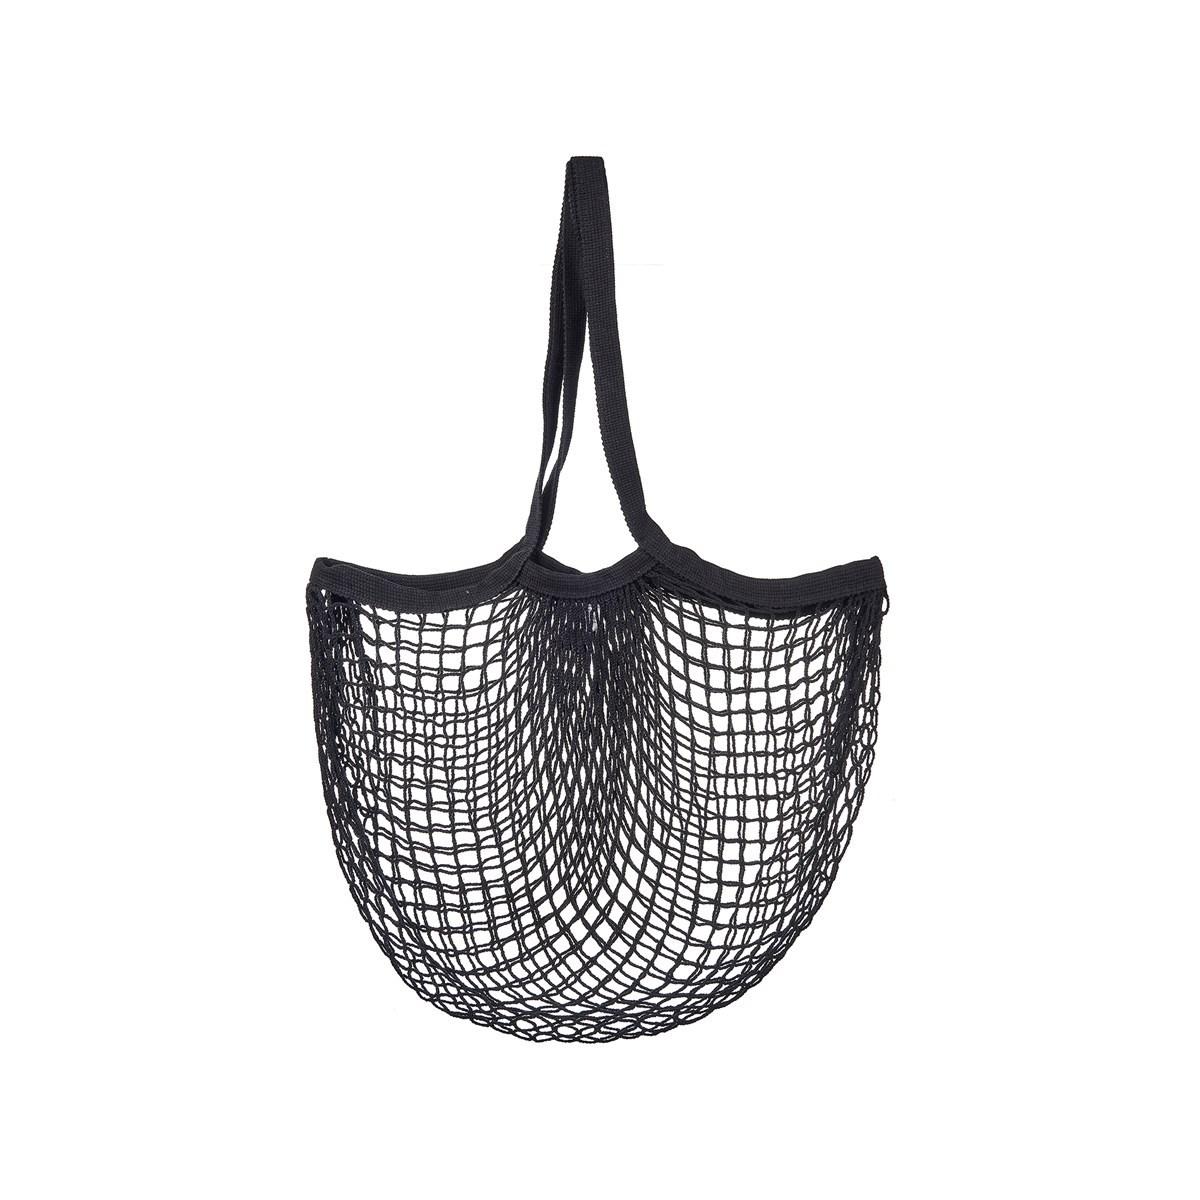 Nákupní taška/ Síťovka Black String_1